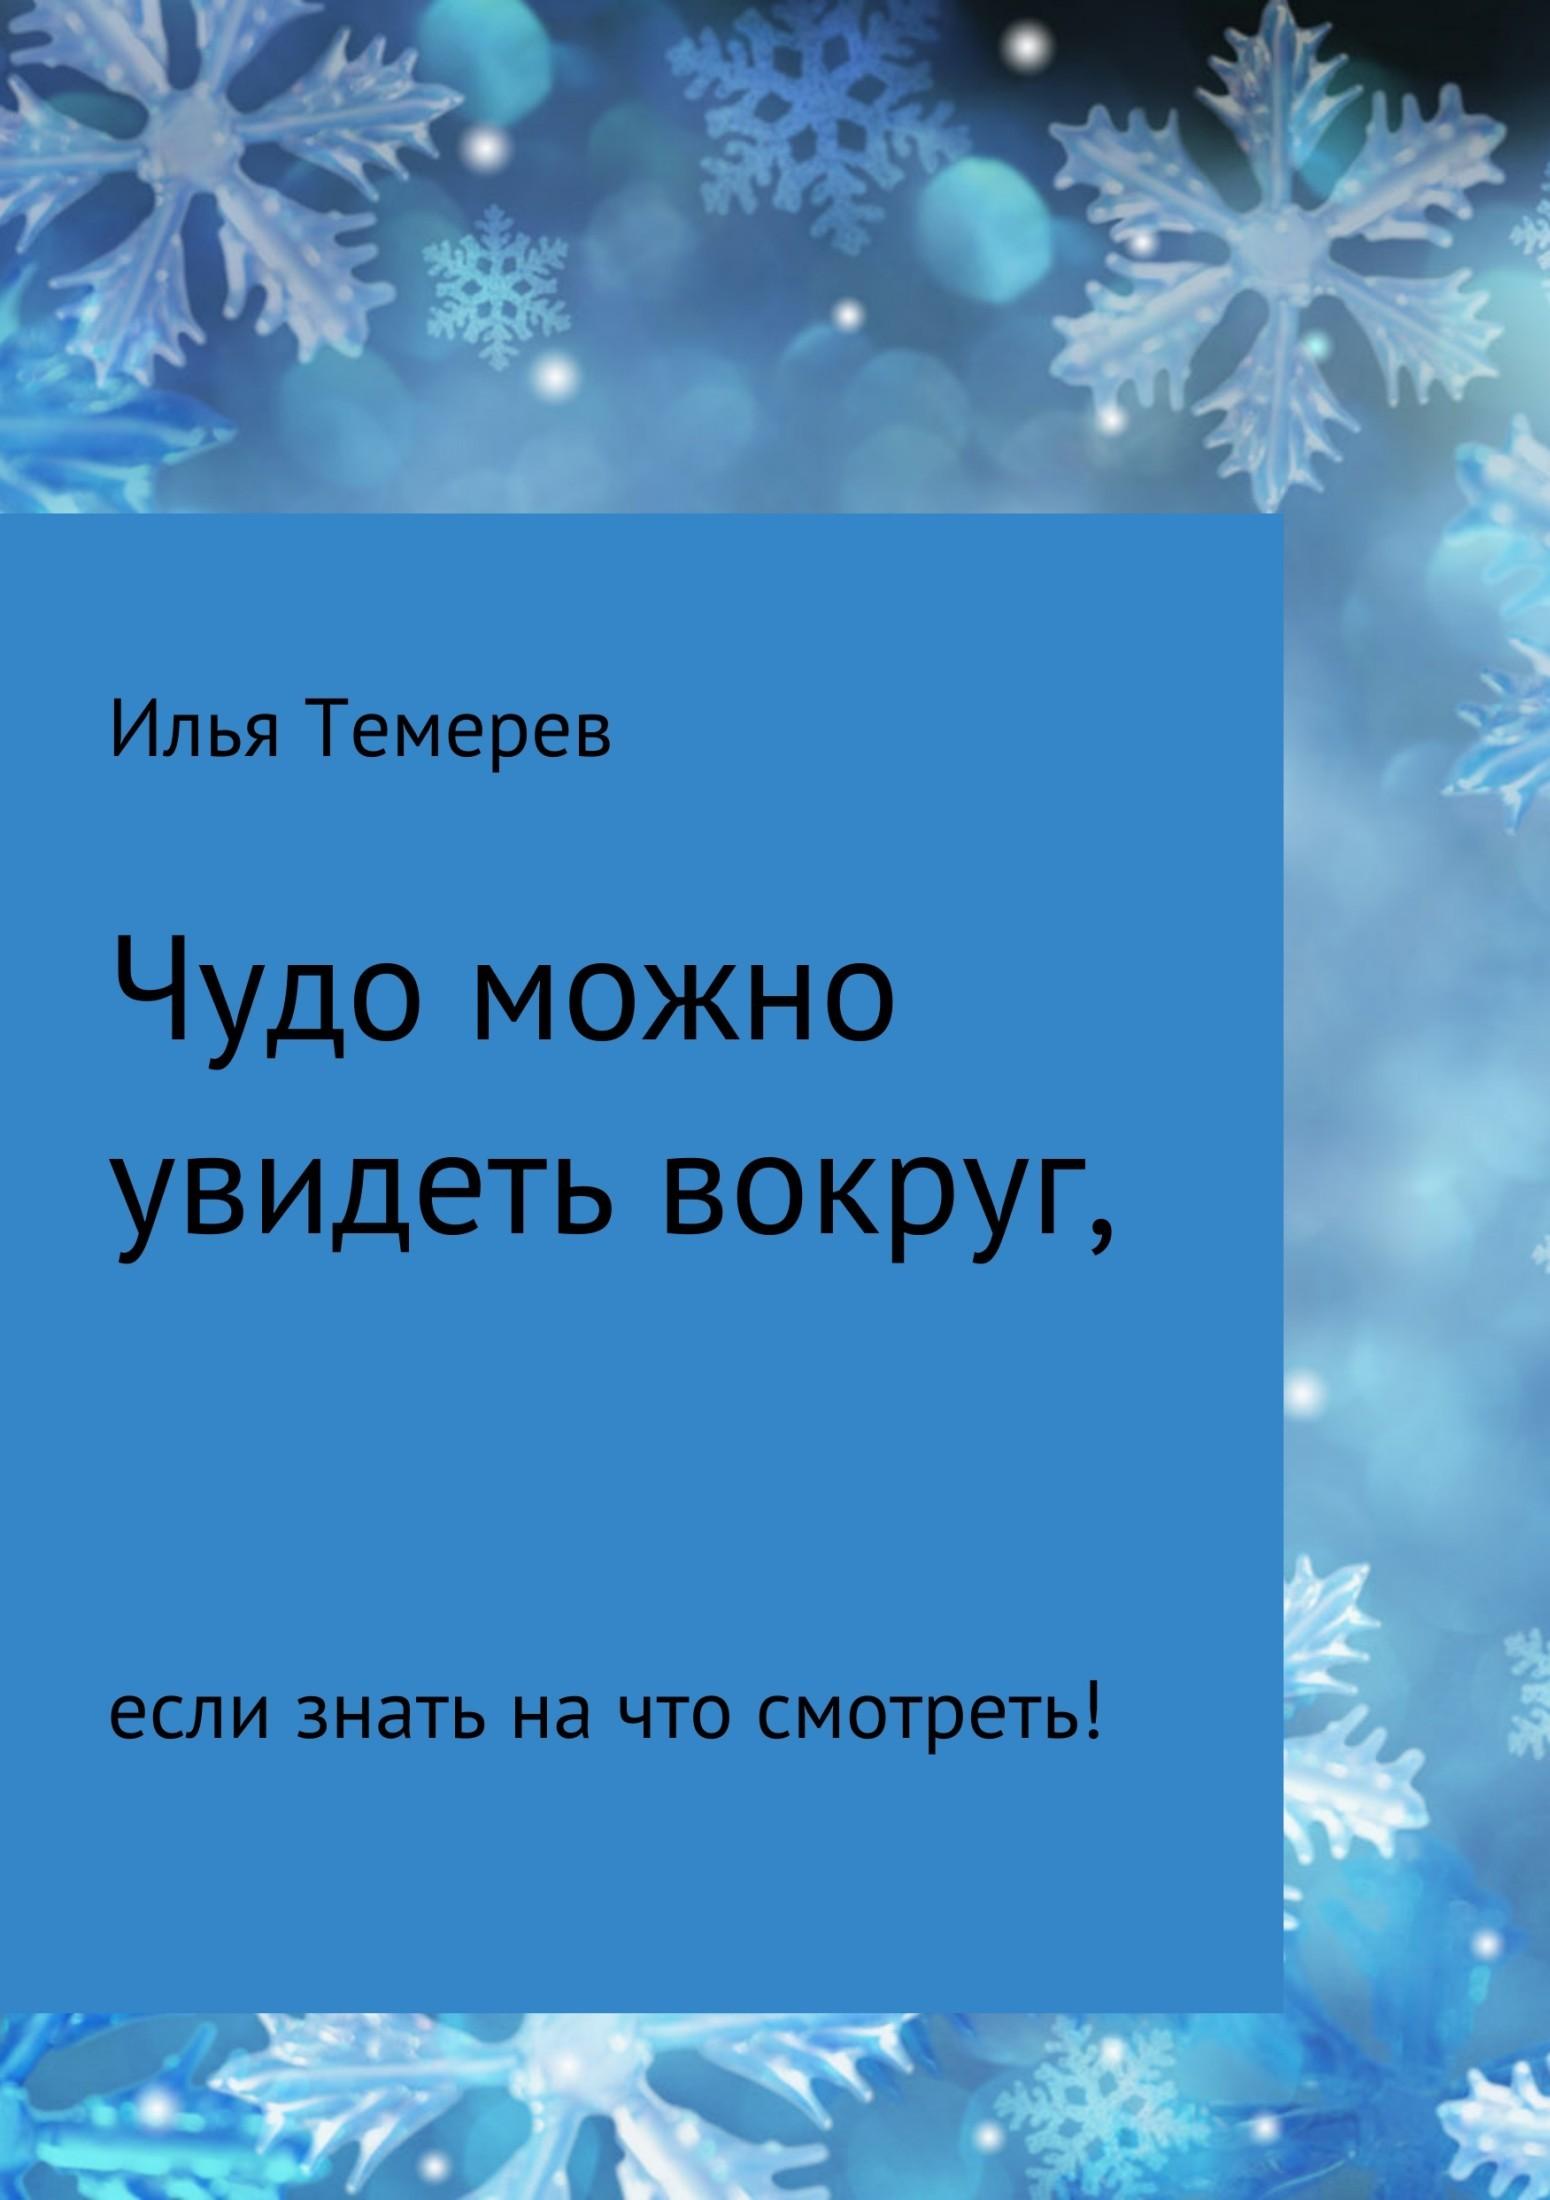 Илья Юрьевич Темерев Чудо можно увидеть вокруг, если знать на что смотреть! компании которые дают тебе товар совершенно бесплатно